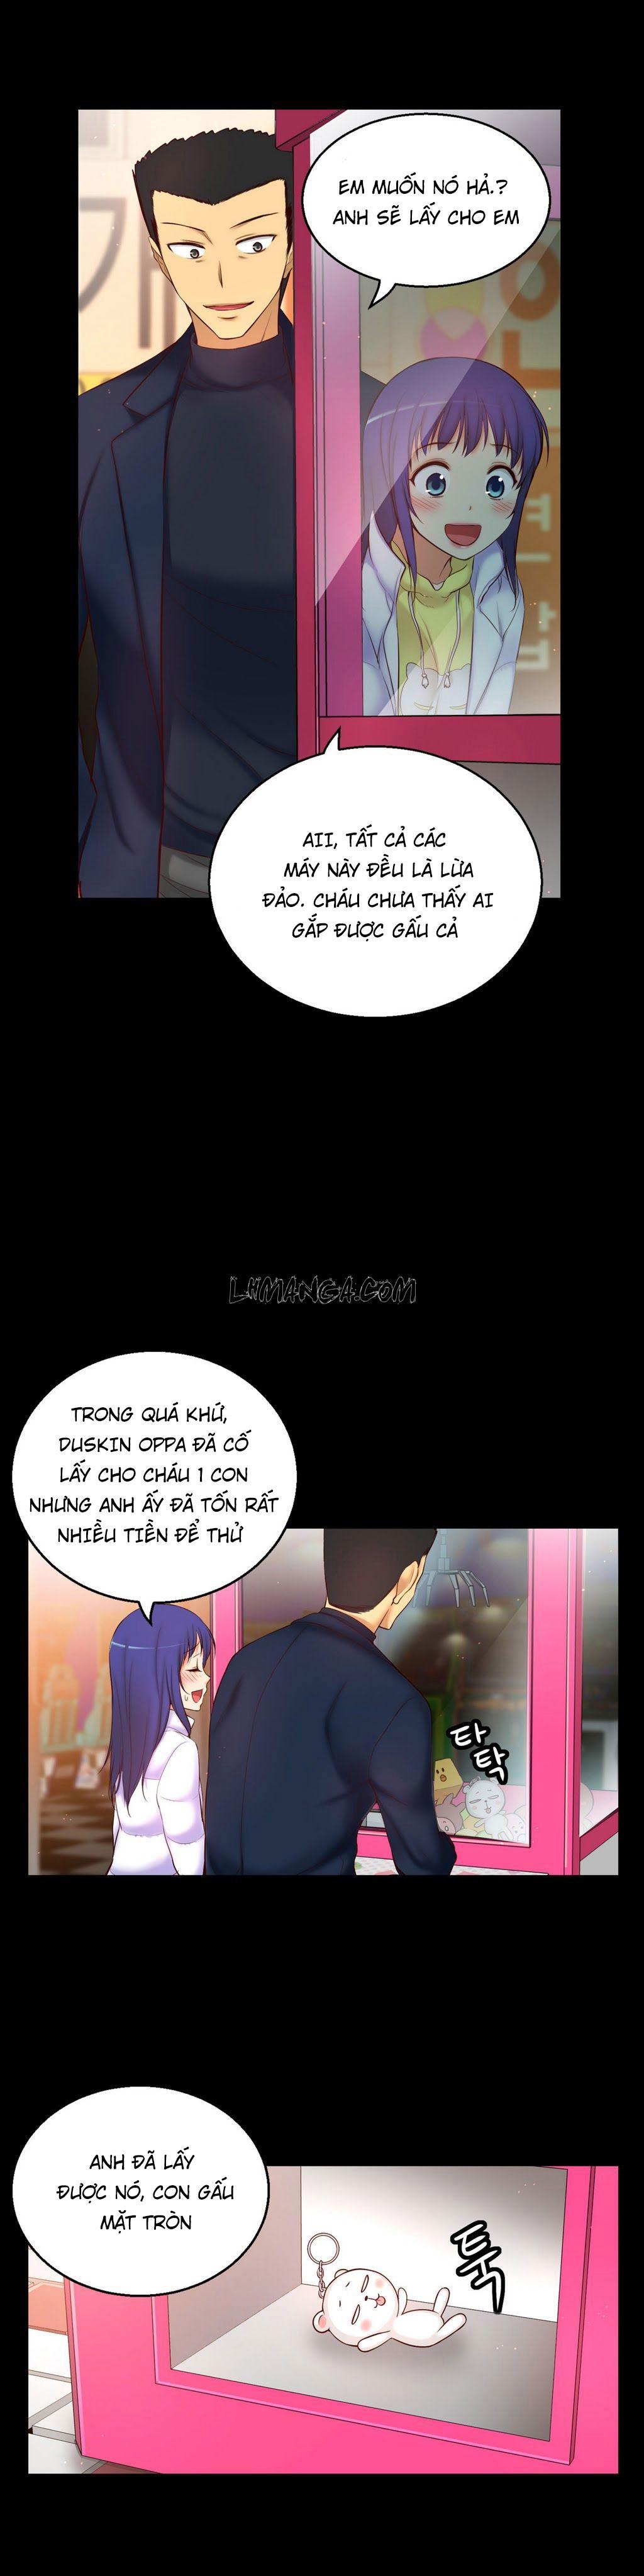 Hình ảnh HINH_00029 in [Siêu phẩm Hentai] Little Girl Full